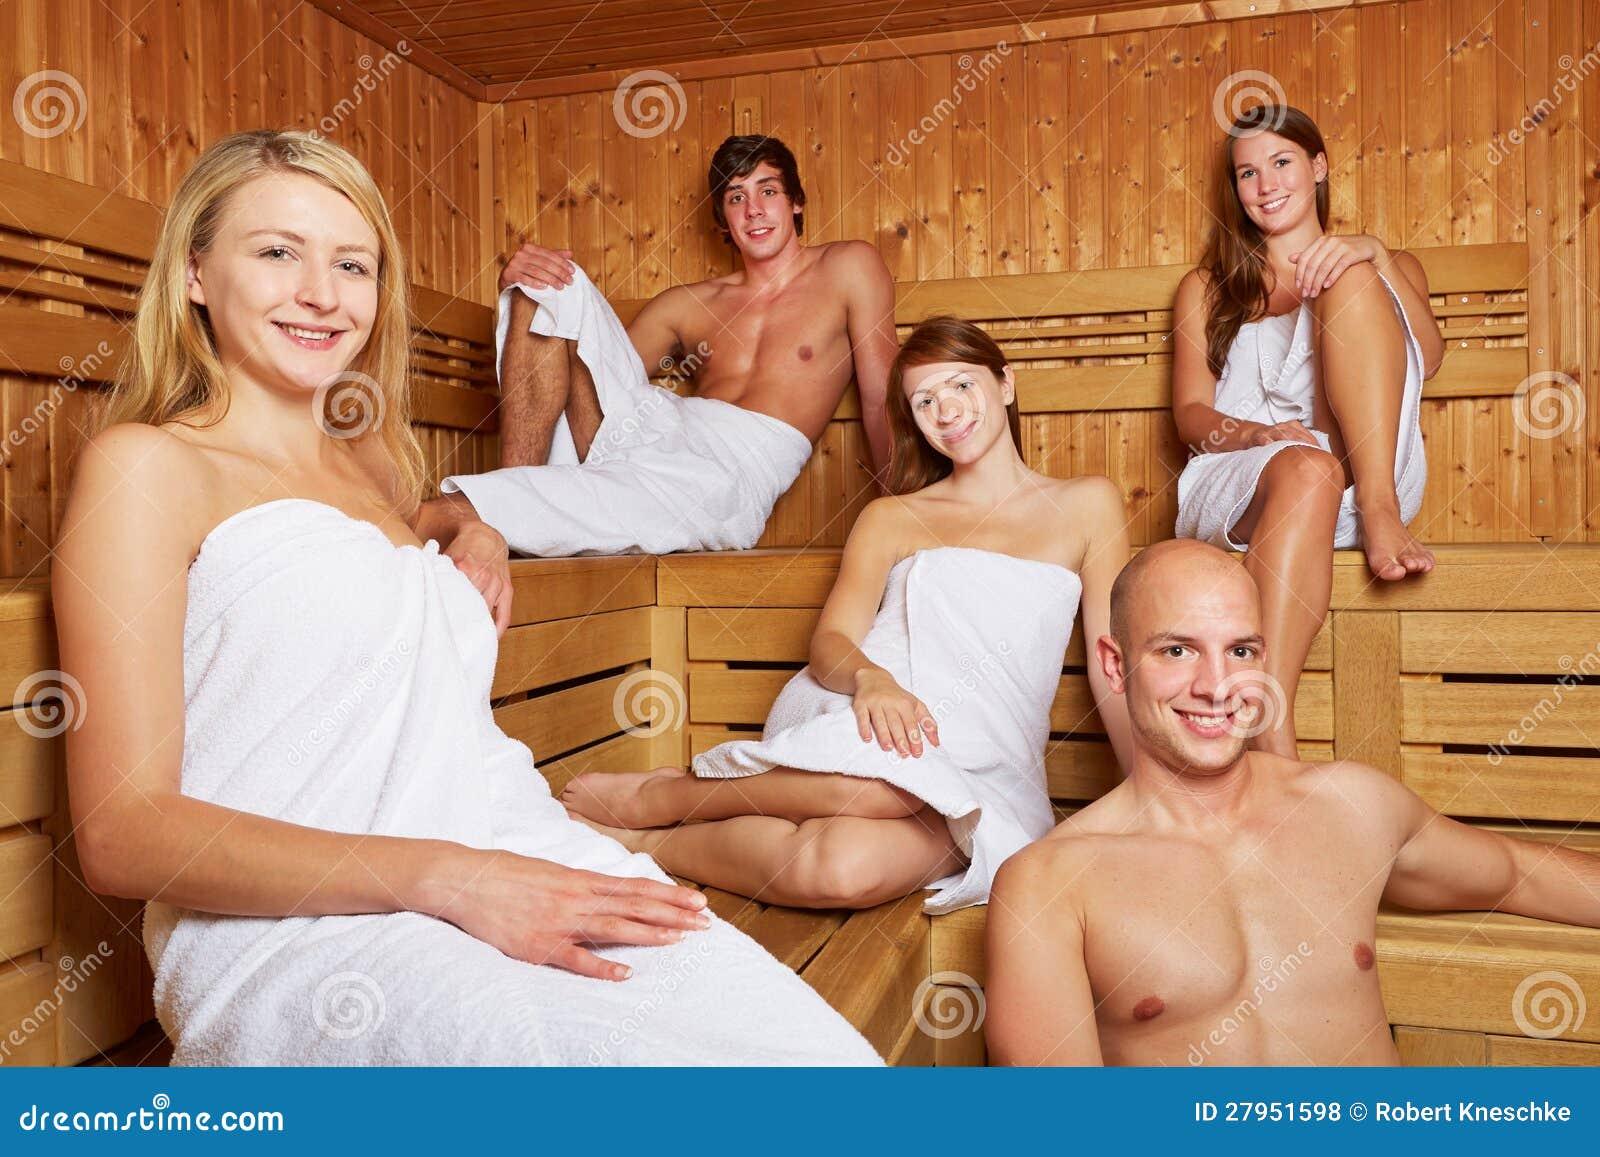 Секс свингеры дома, Русские свингеры домашнее: порно видео онлайн 25 фотография